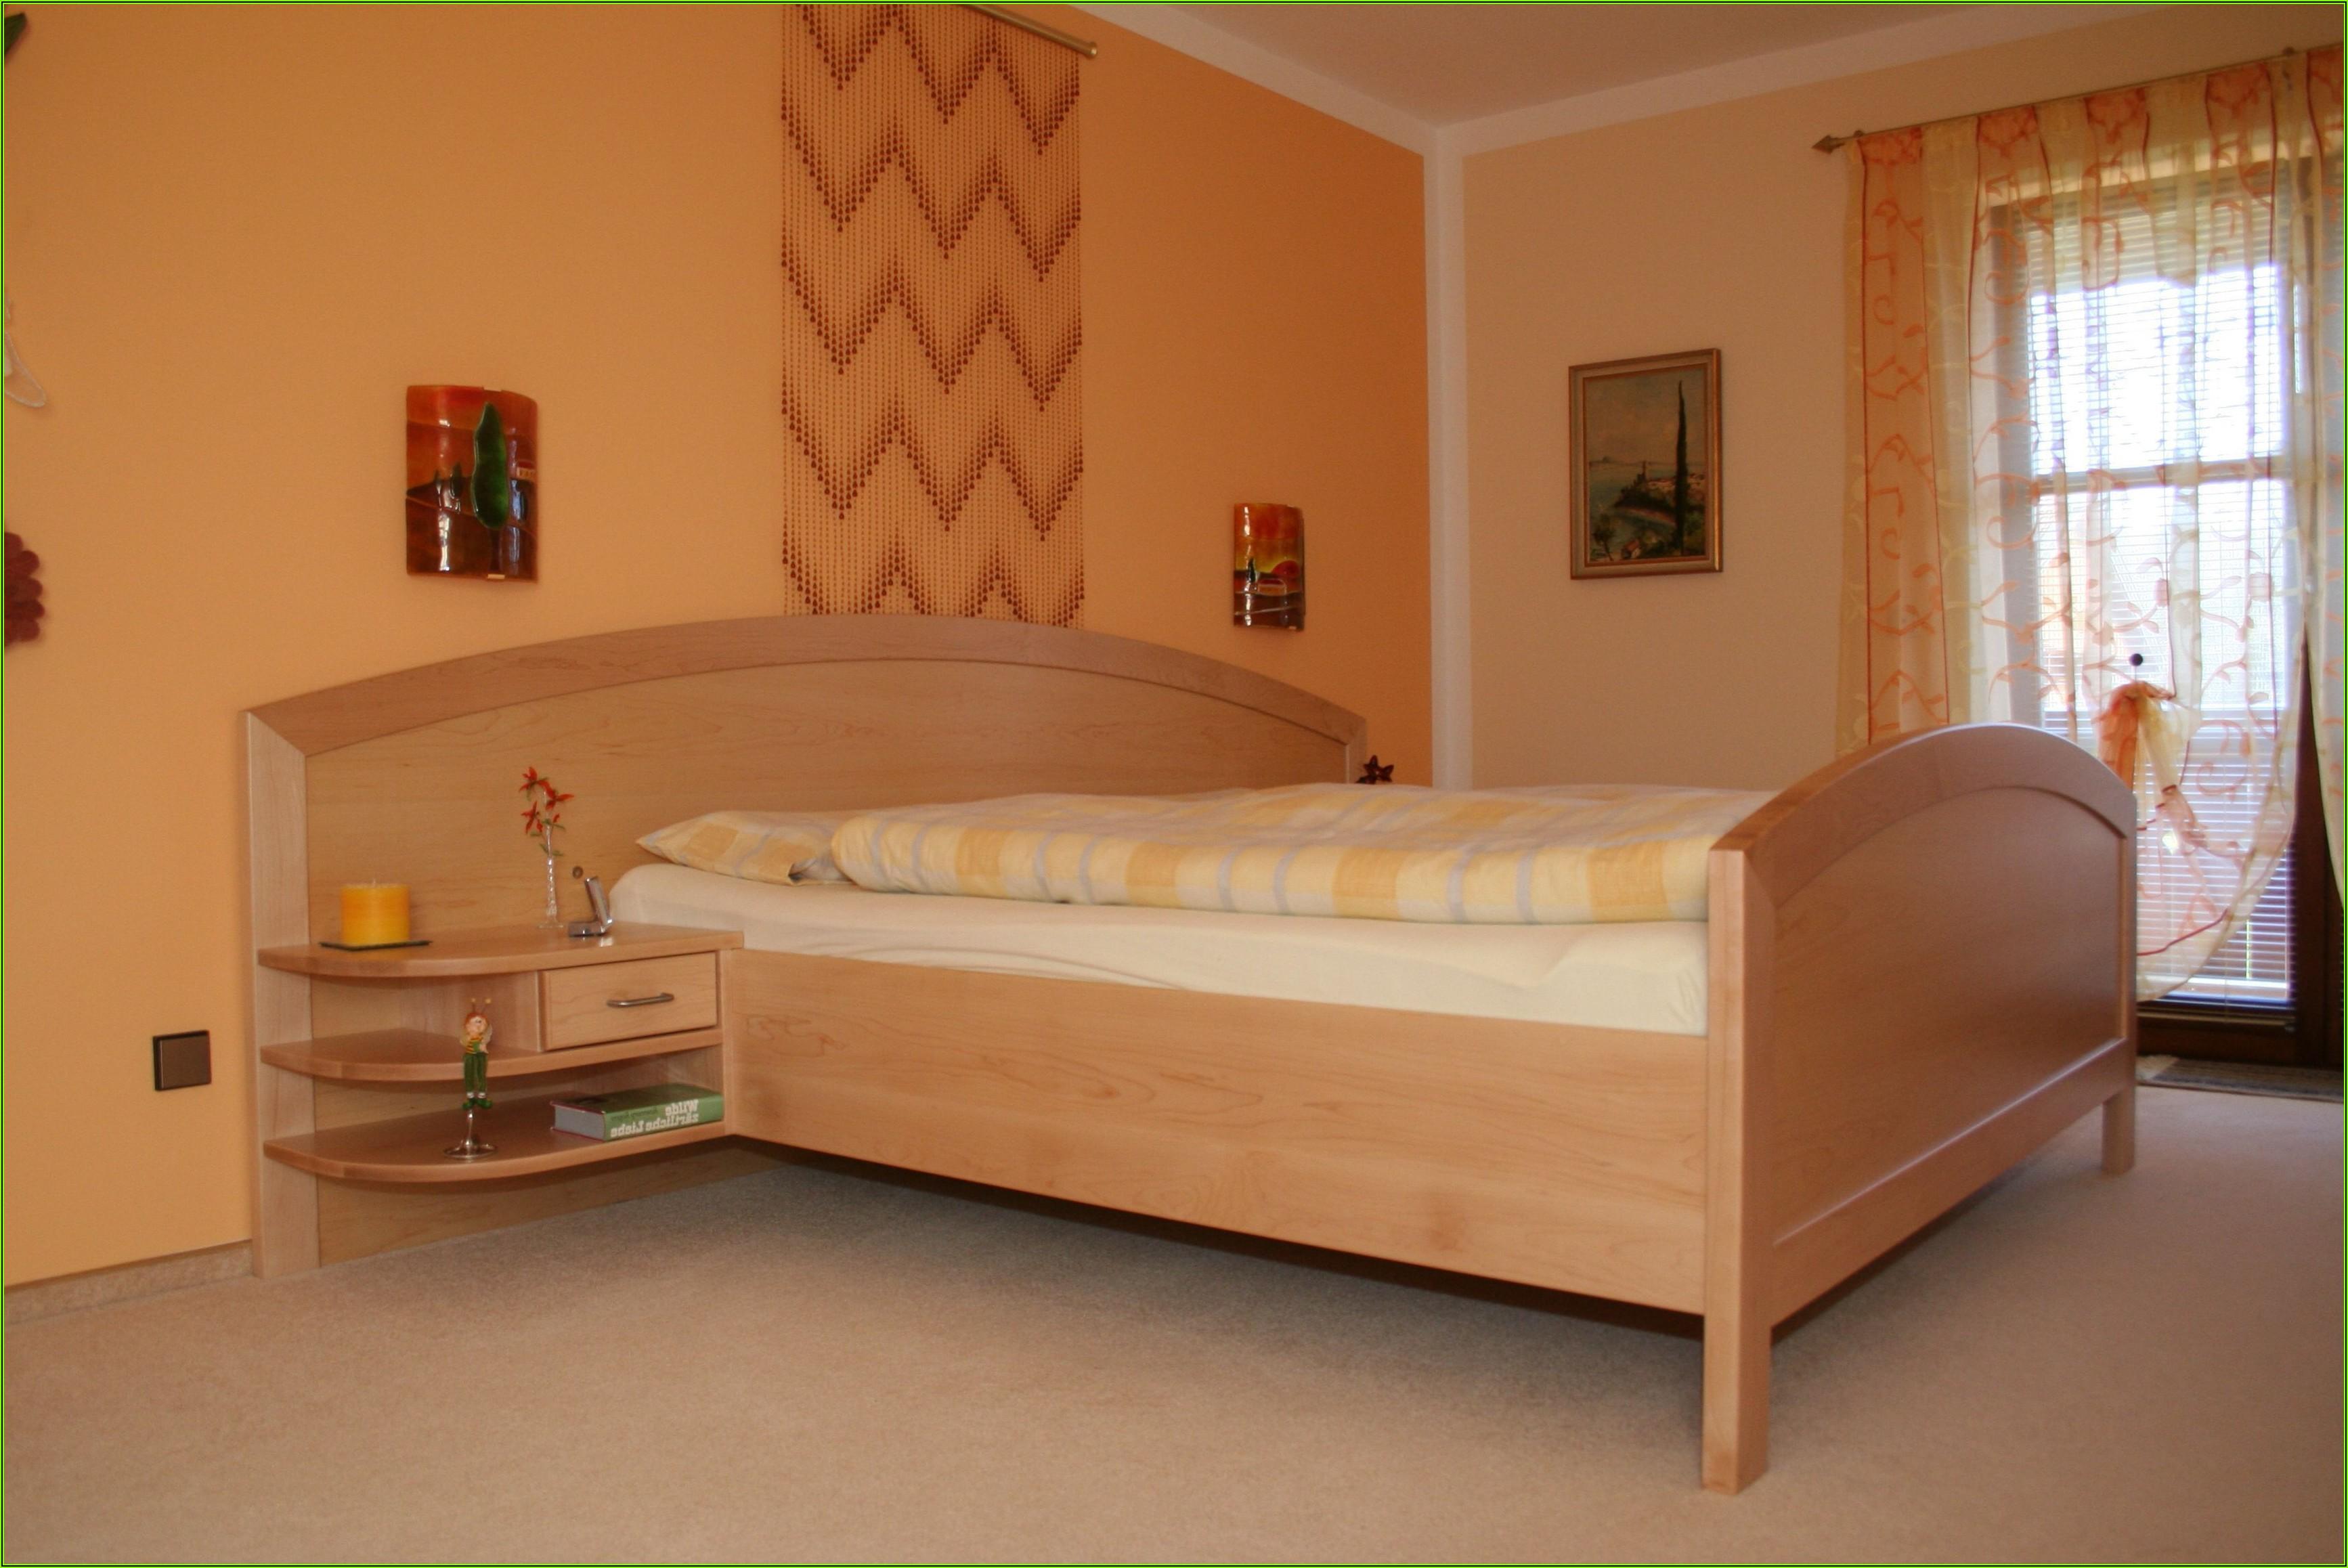 Deko Set Schlafzimmer